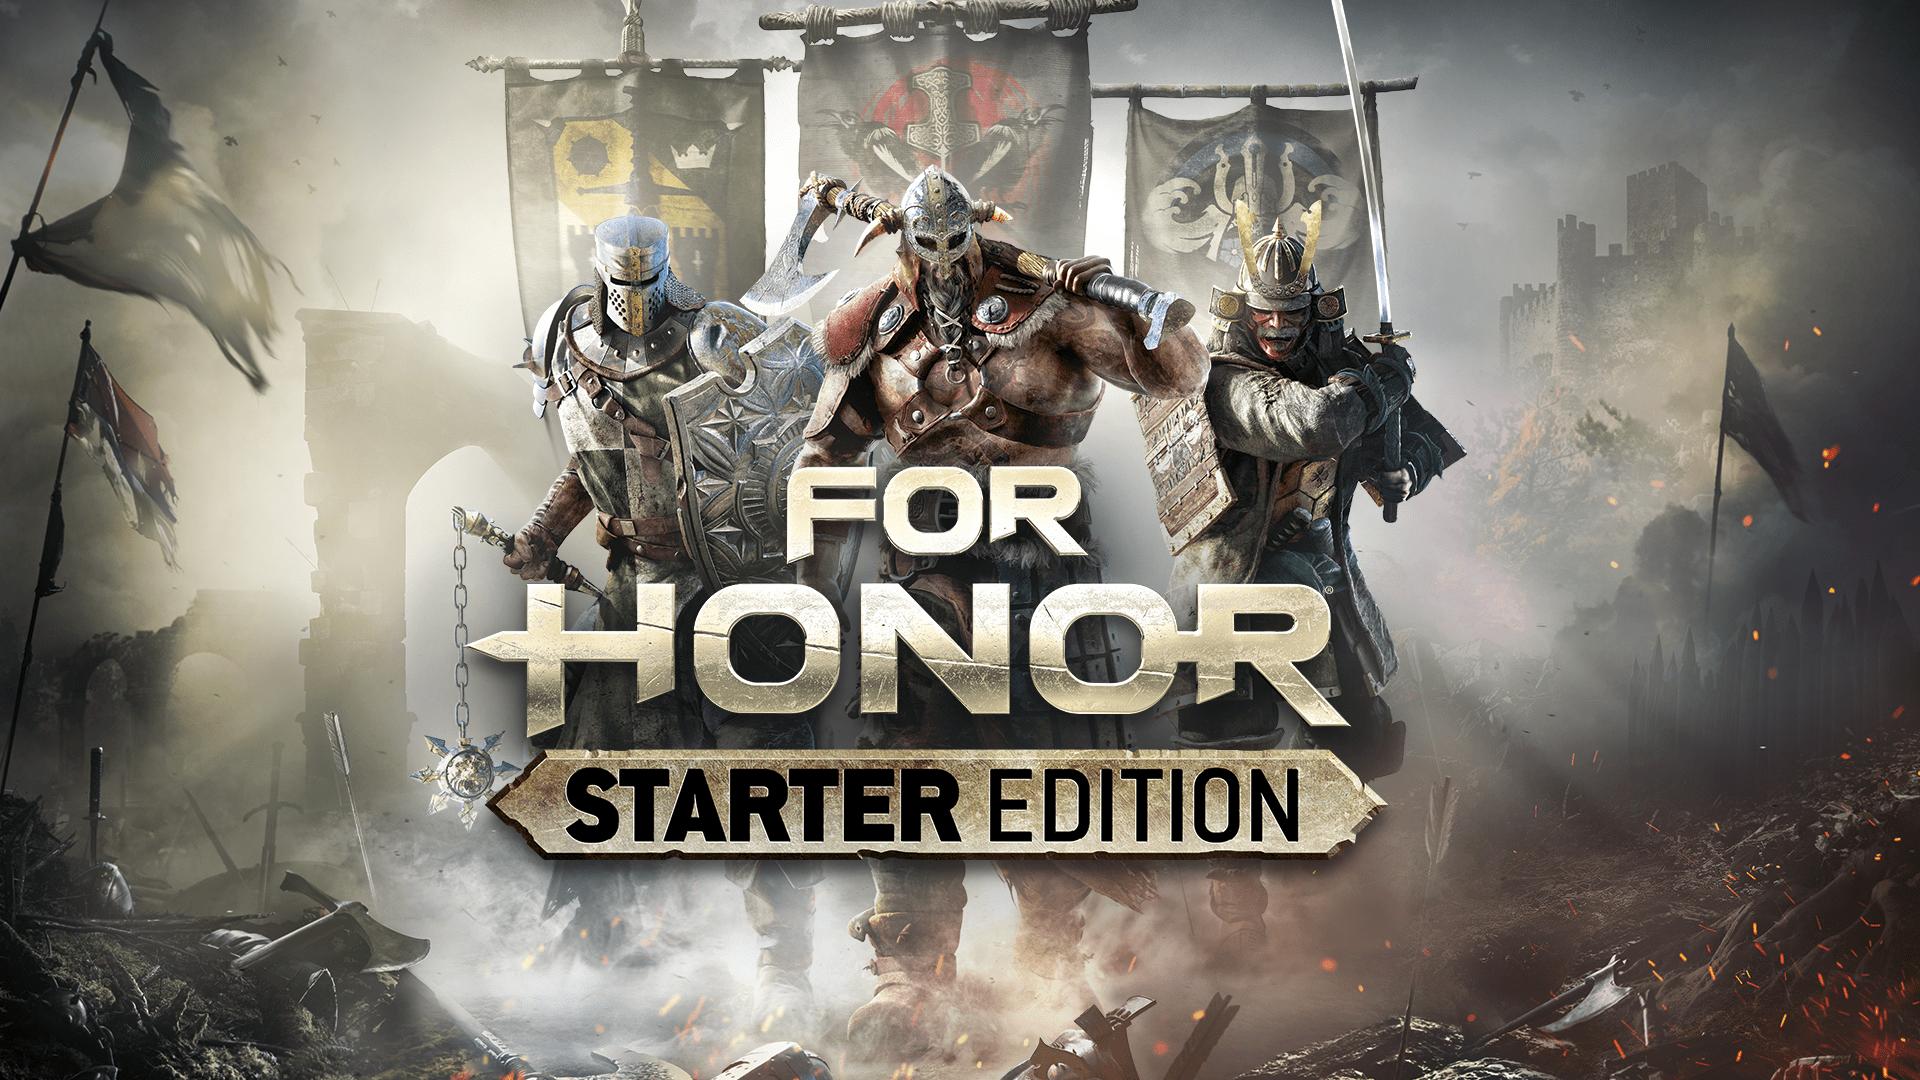 for honor starter edition - La For Honor Starter Edition è disponibile